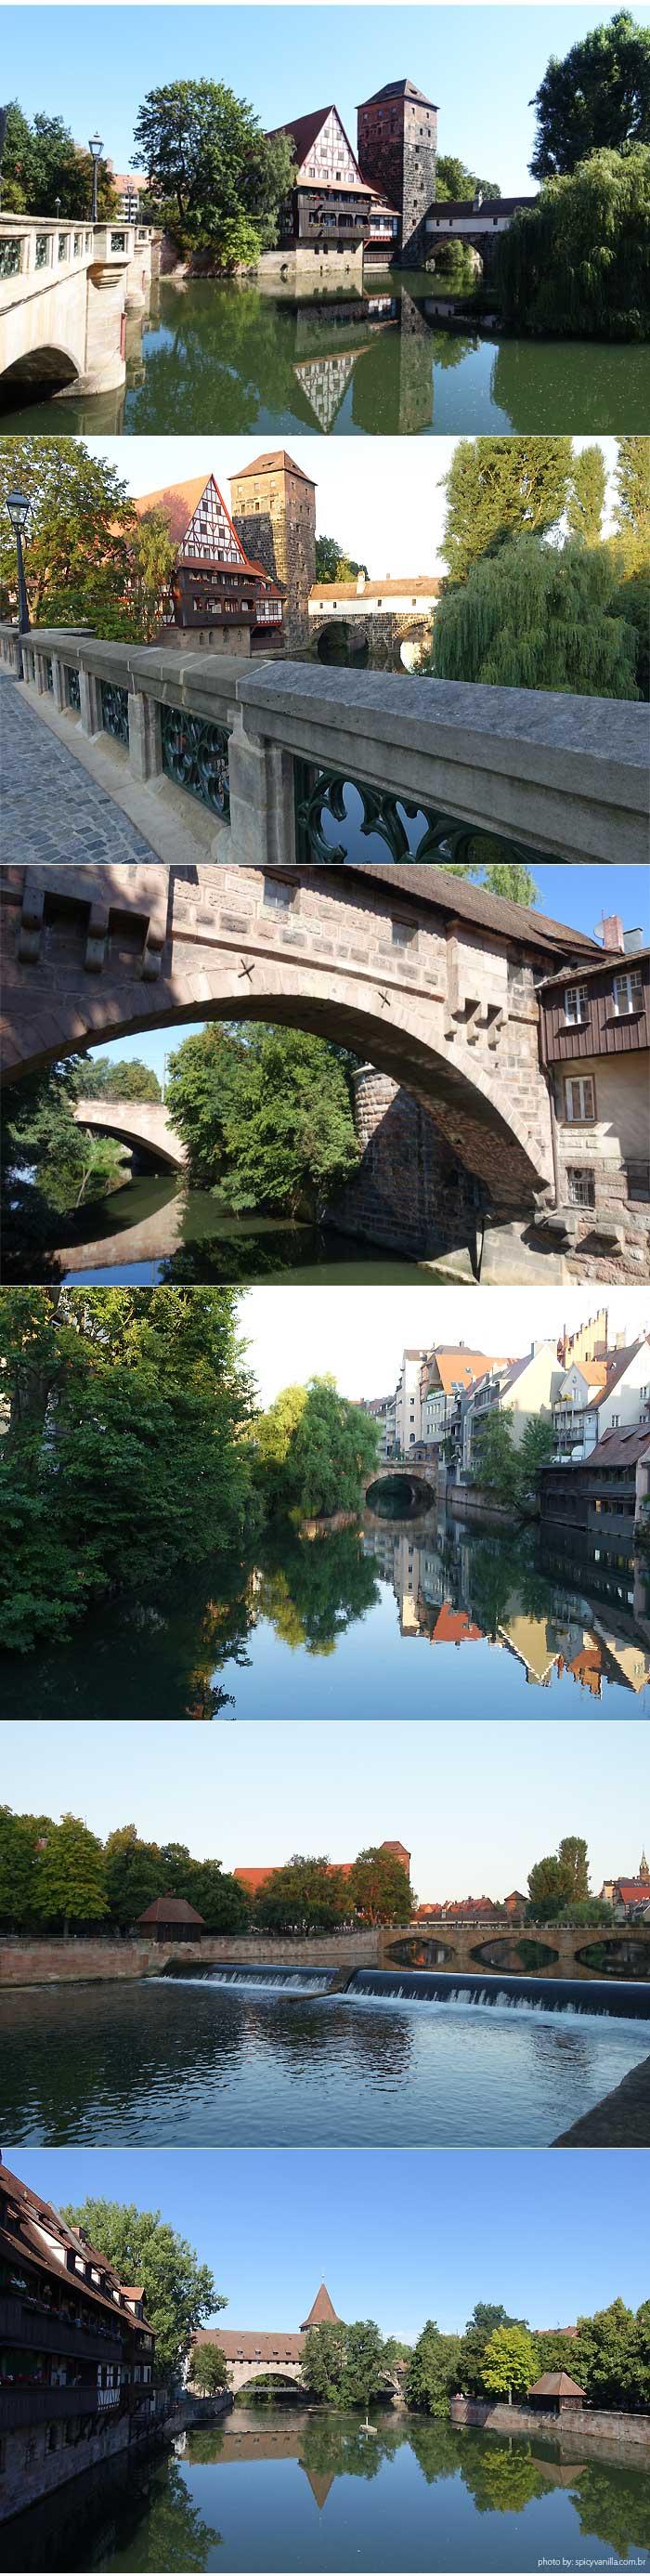 pontes-de-Nuremberg